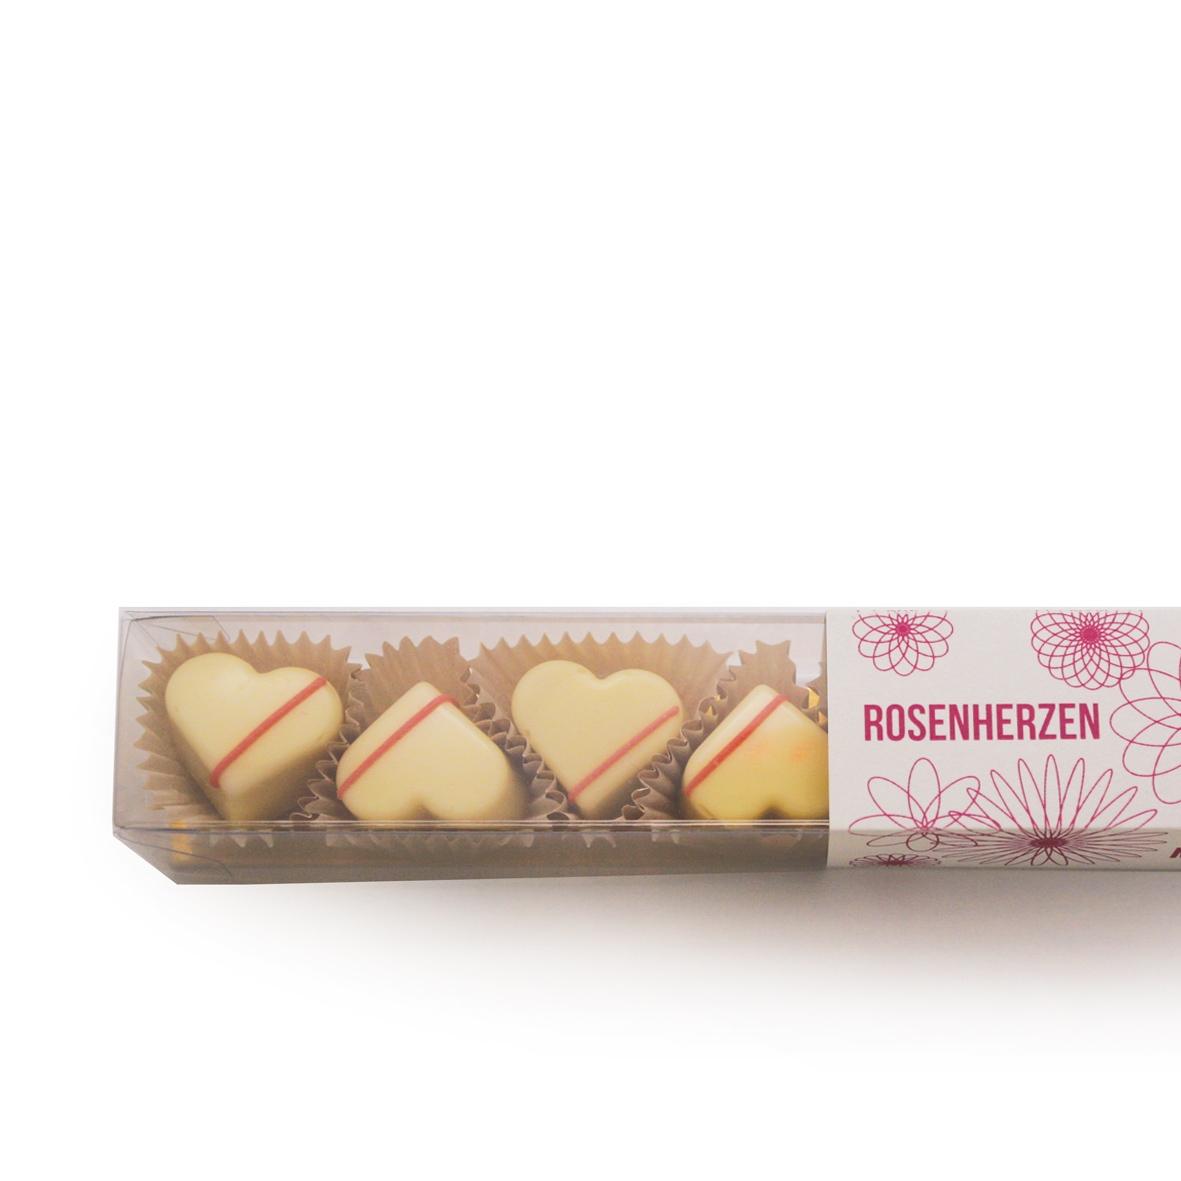 Rosenherzen